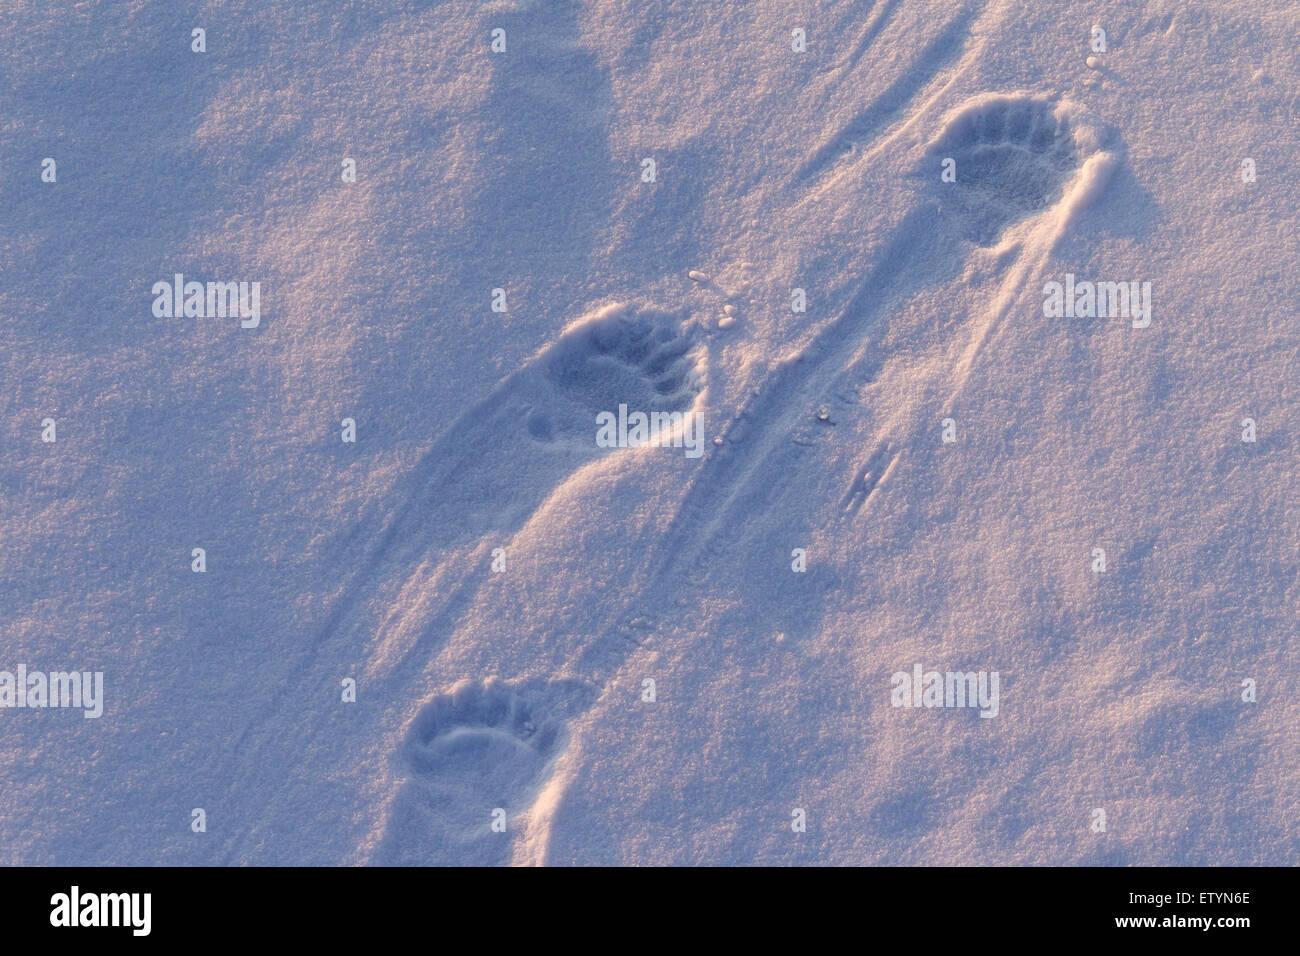 Polar bear (Ursus maritimus / Thalarctos maritimus) tracks in the snow - Stock Image